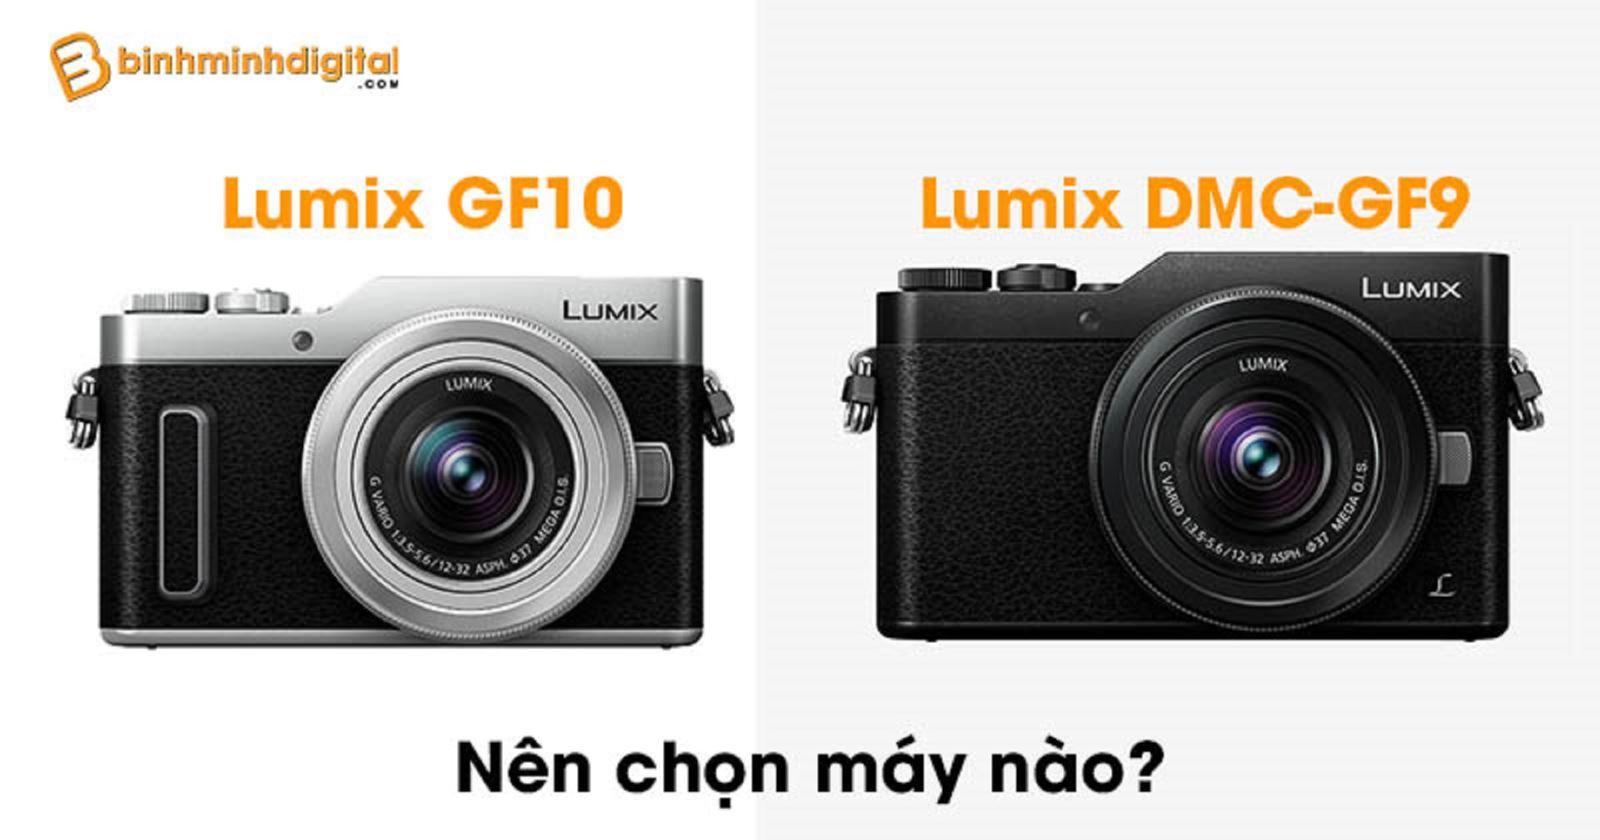 Panasonic Lumix GF10 vàPanasonic LumixDMC-GF9nên chọn máy nào?